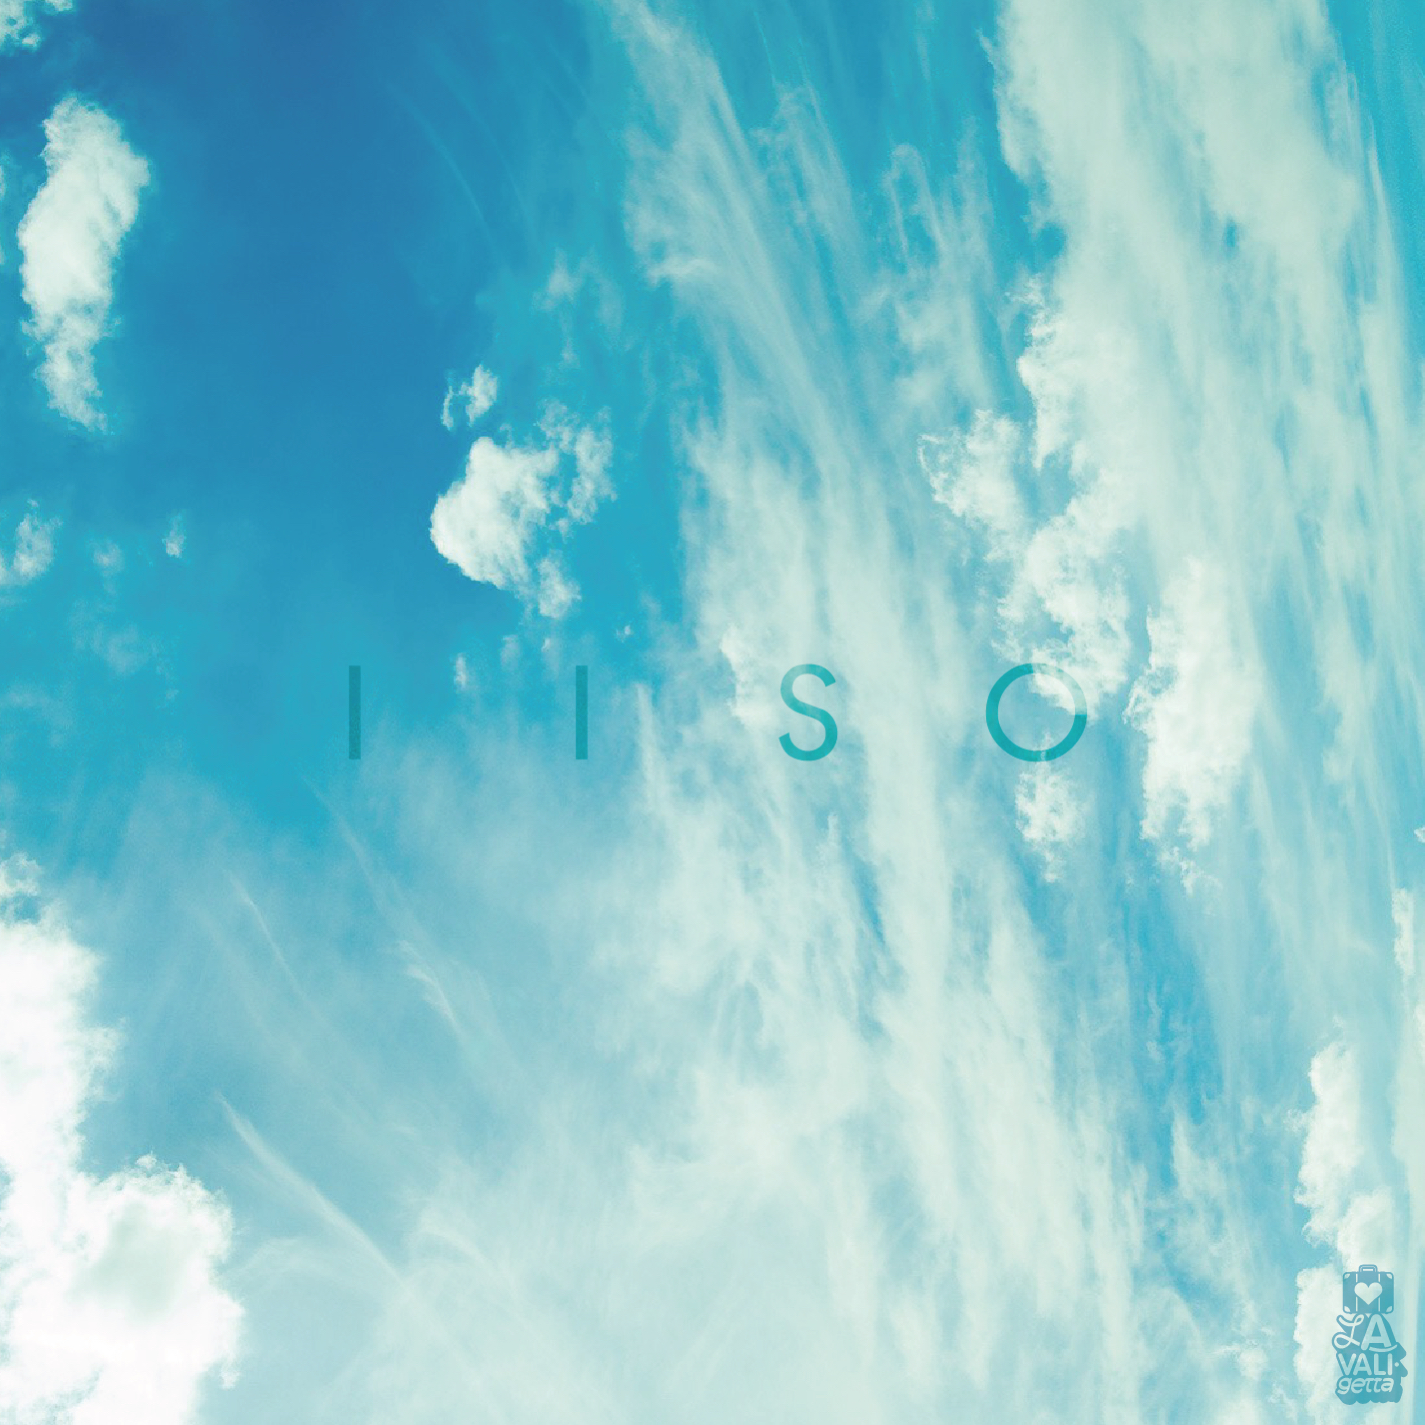 DV065 / IISO - Skip September vol. 2